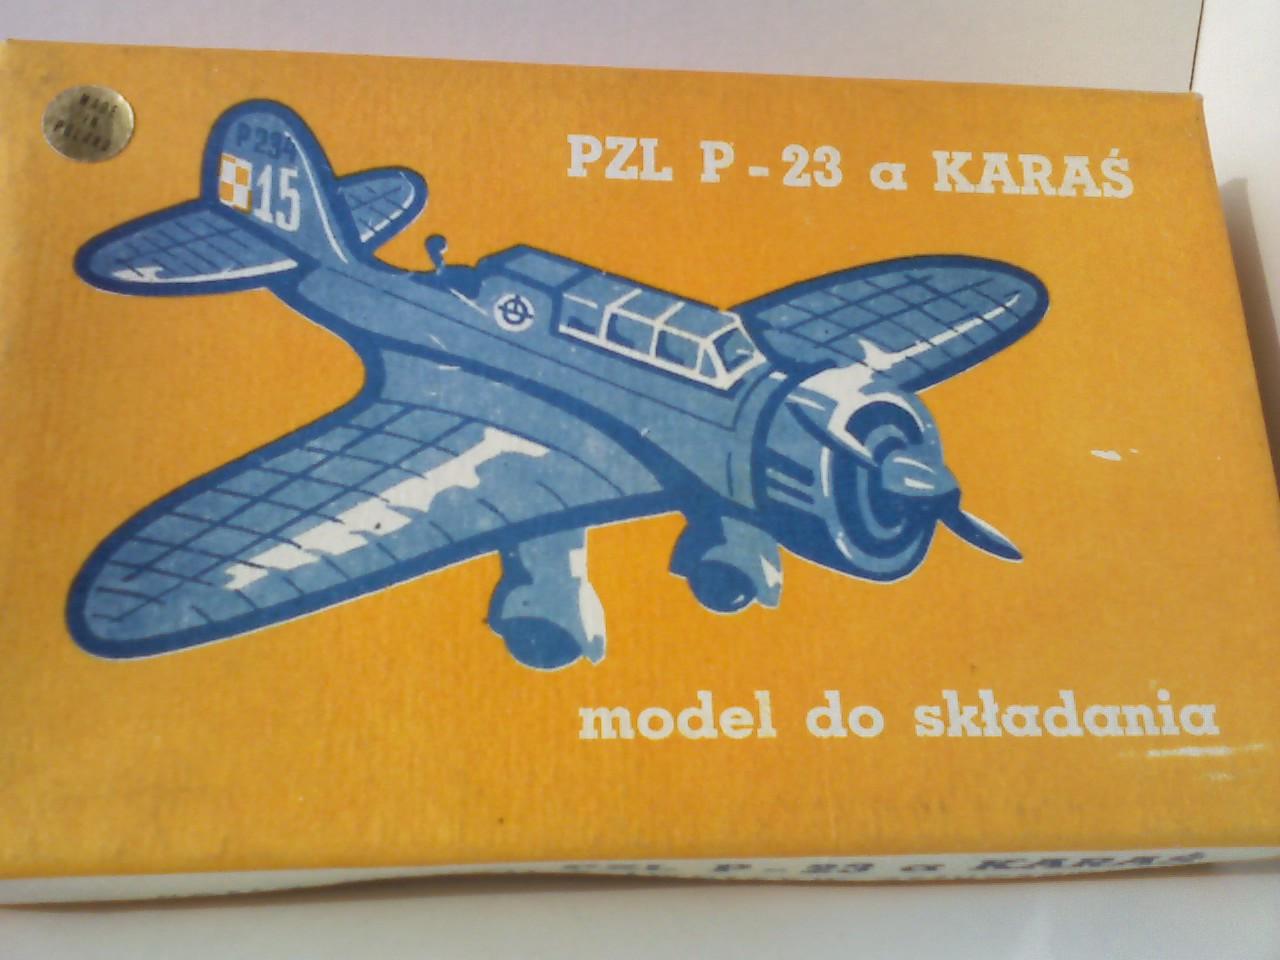 PZLP23